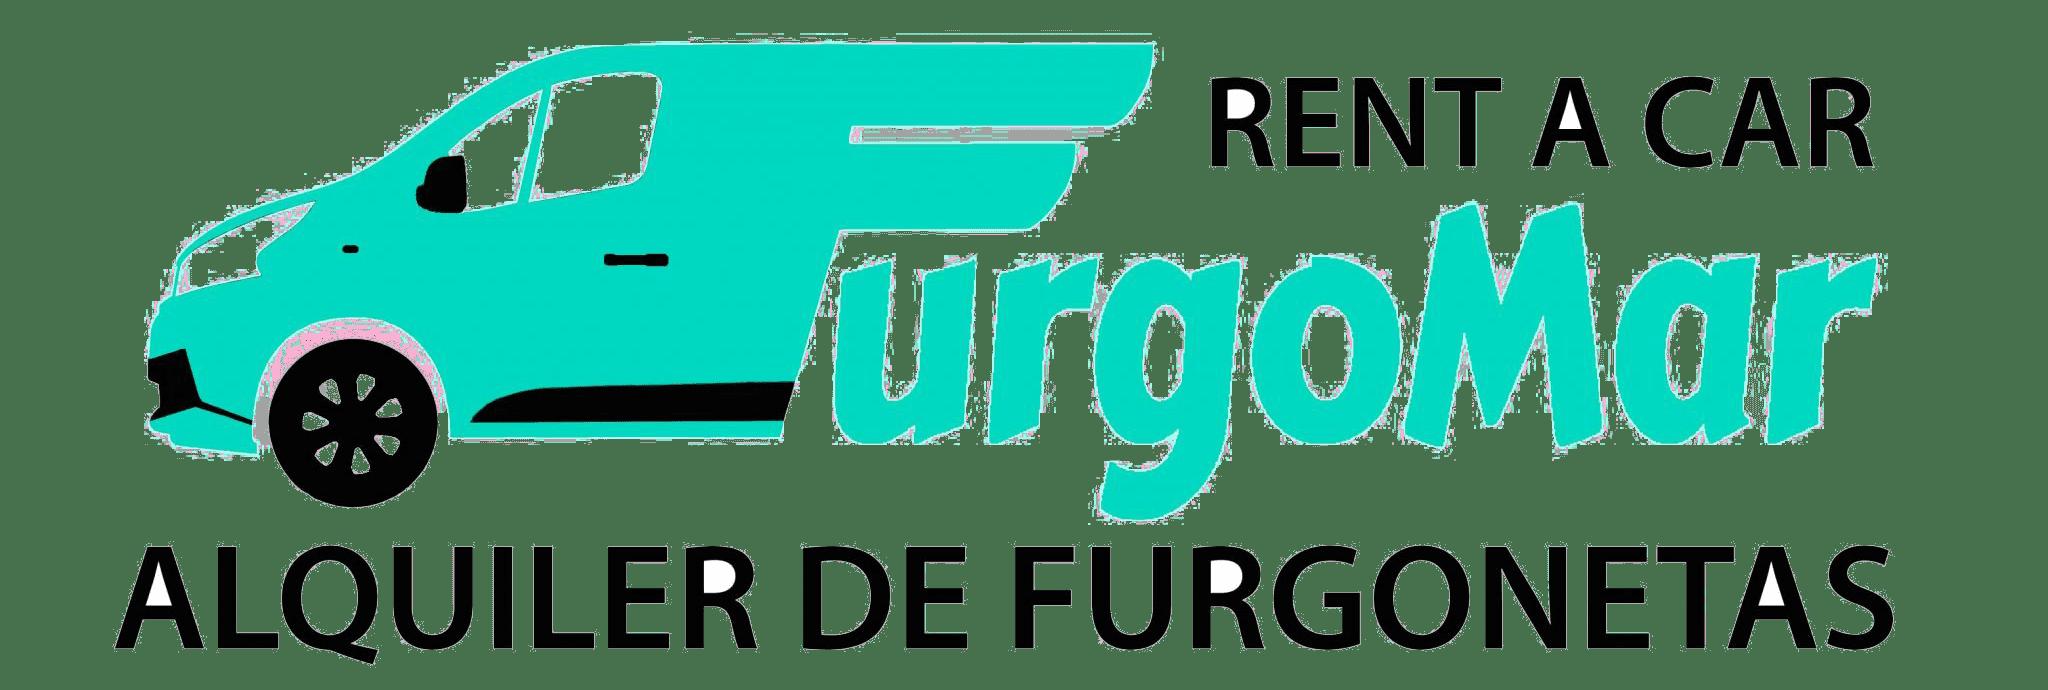 Furgomar Alquiler Furgonetas rent a car vehiculos vehículos turismos baratos mudanza grandes pequeñas Murcia alcantarilla